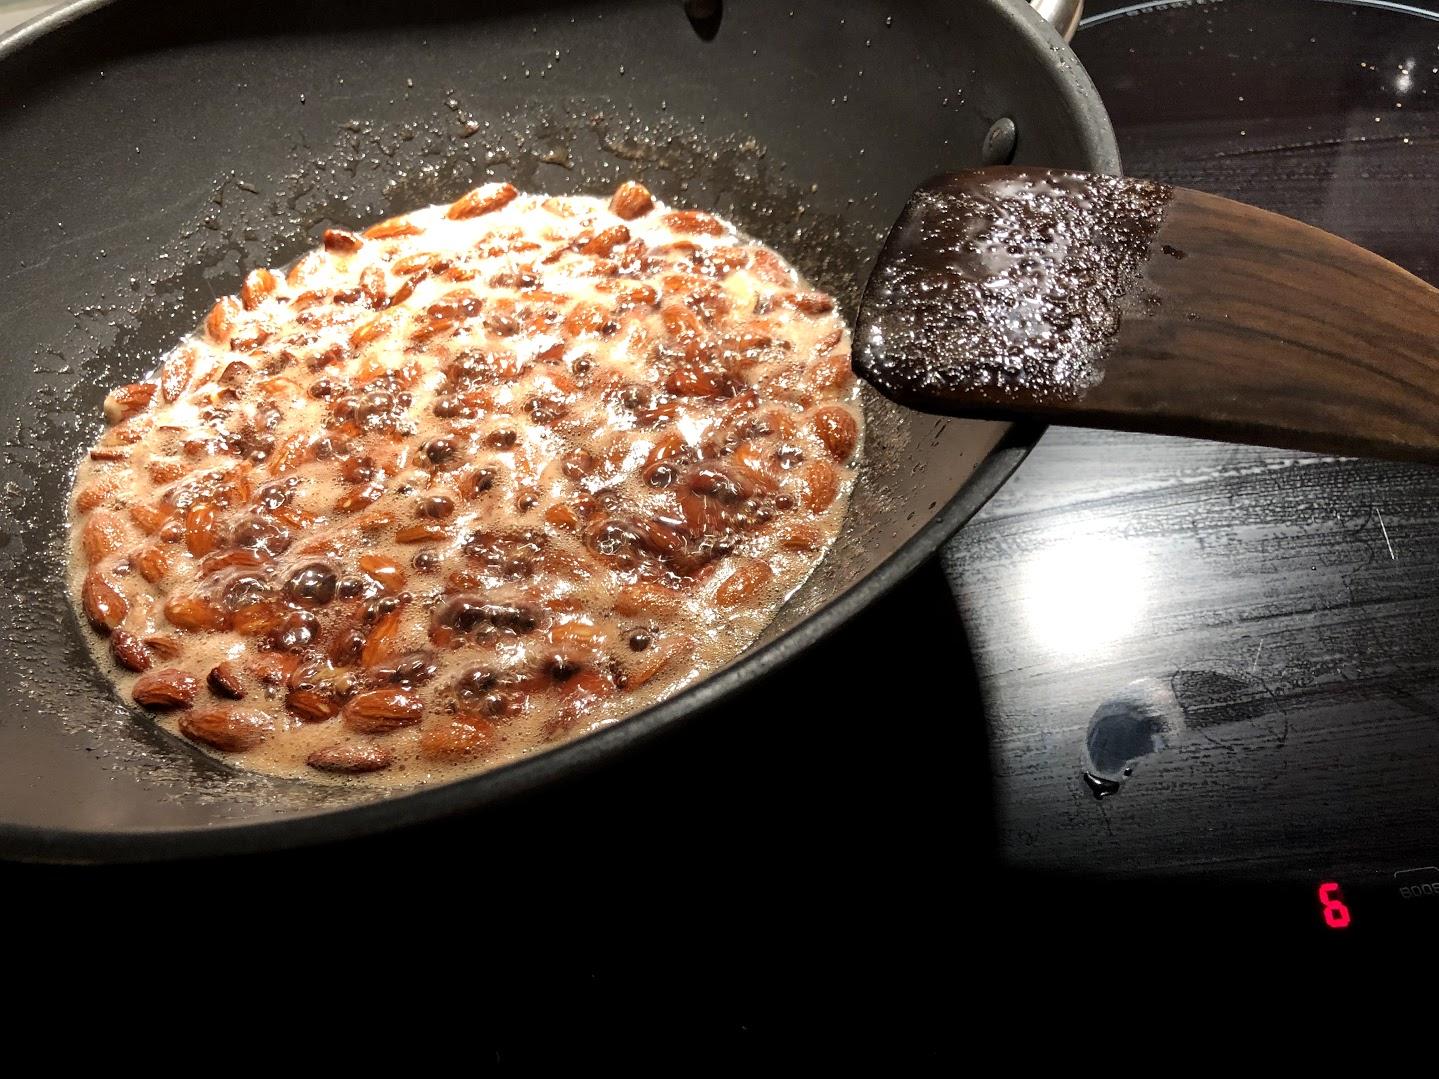 brændte mandler hjemmelavede karamel mandler karameliserede sukker julemandler sukkermandler opskrift på sådan laver du hvordan laver man karamelliserede